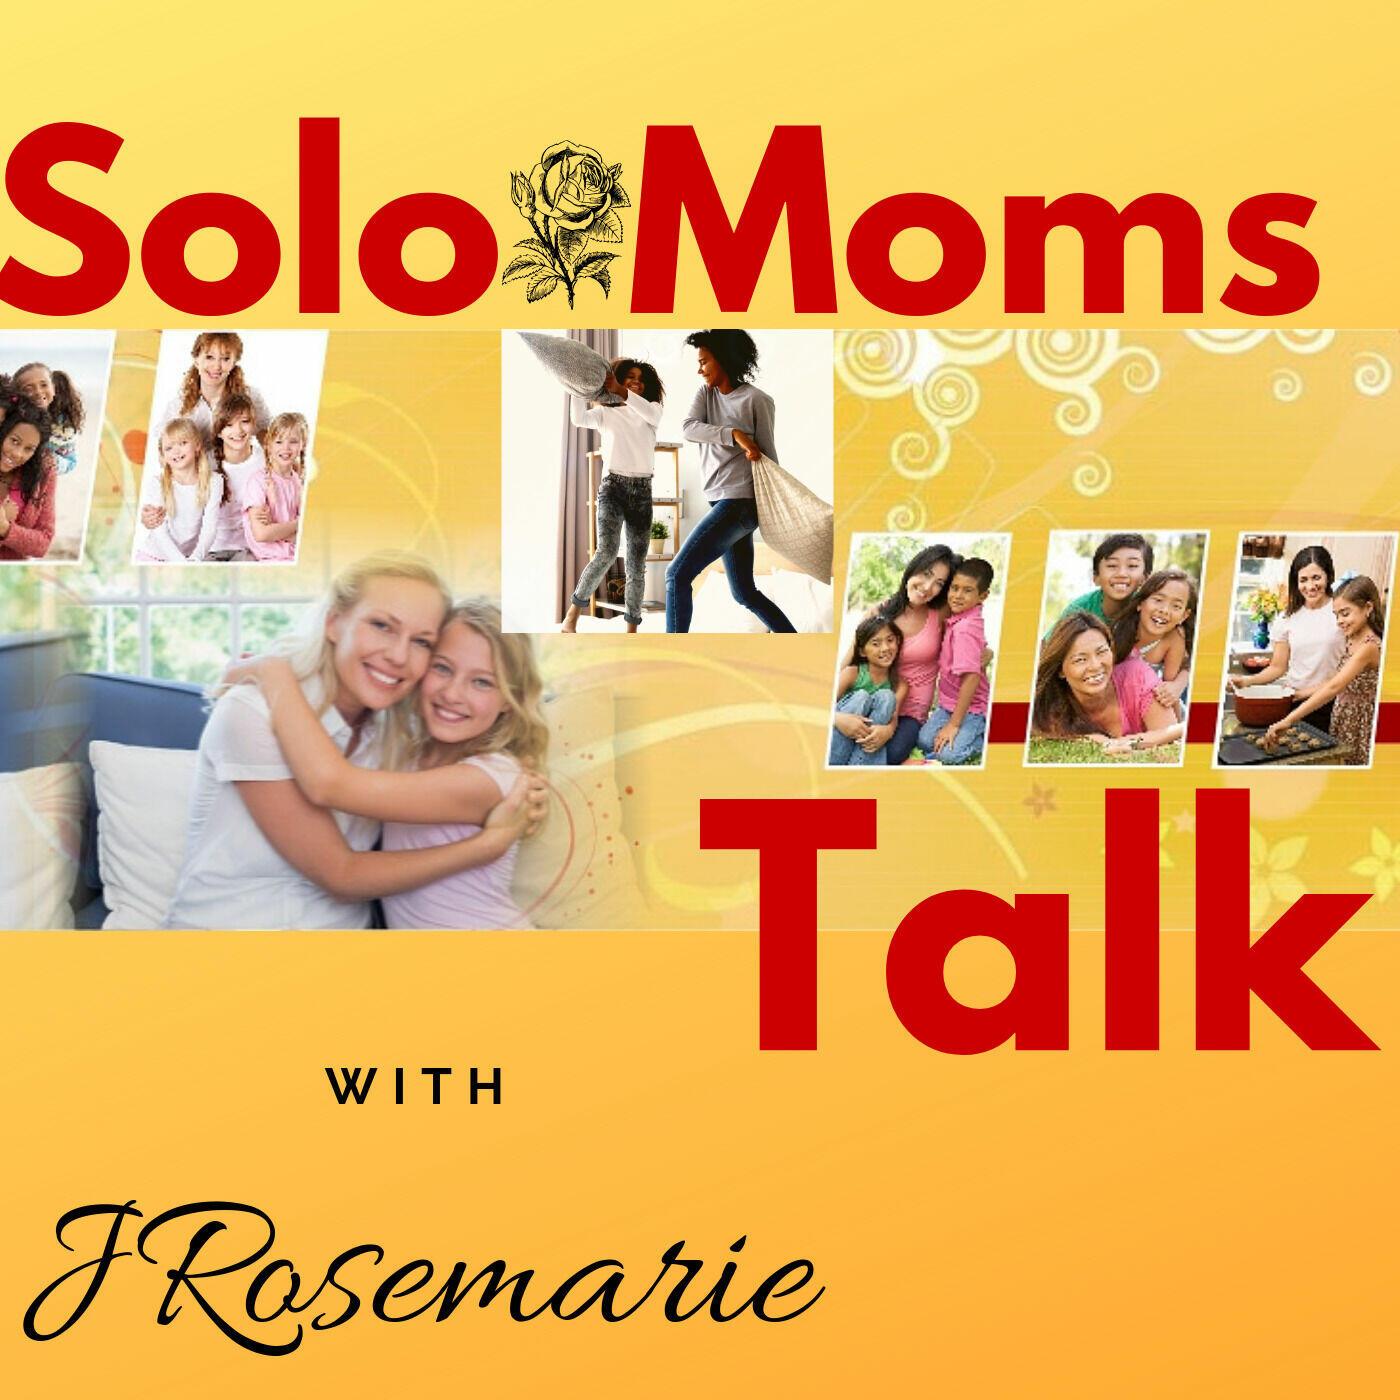 SoloMoms! Talk